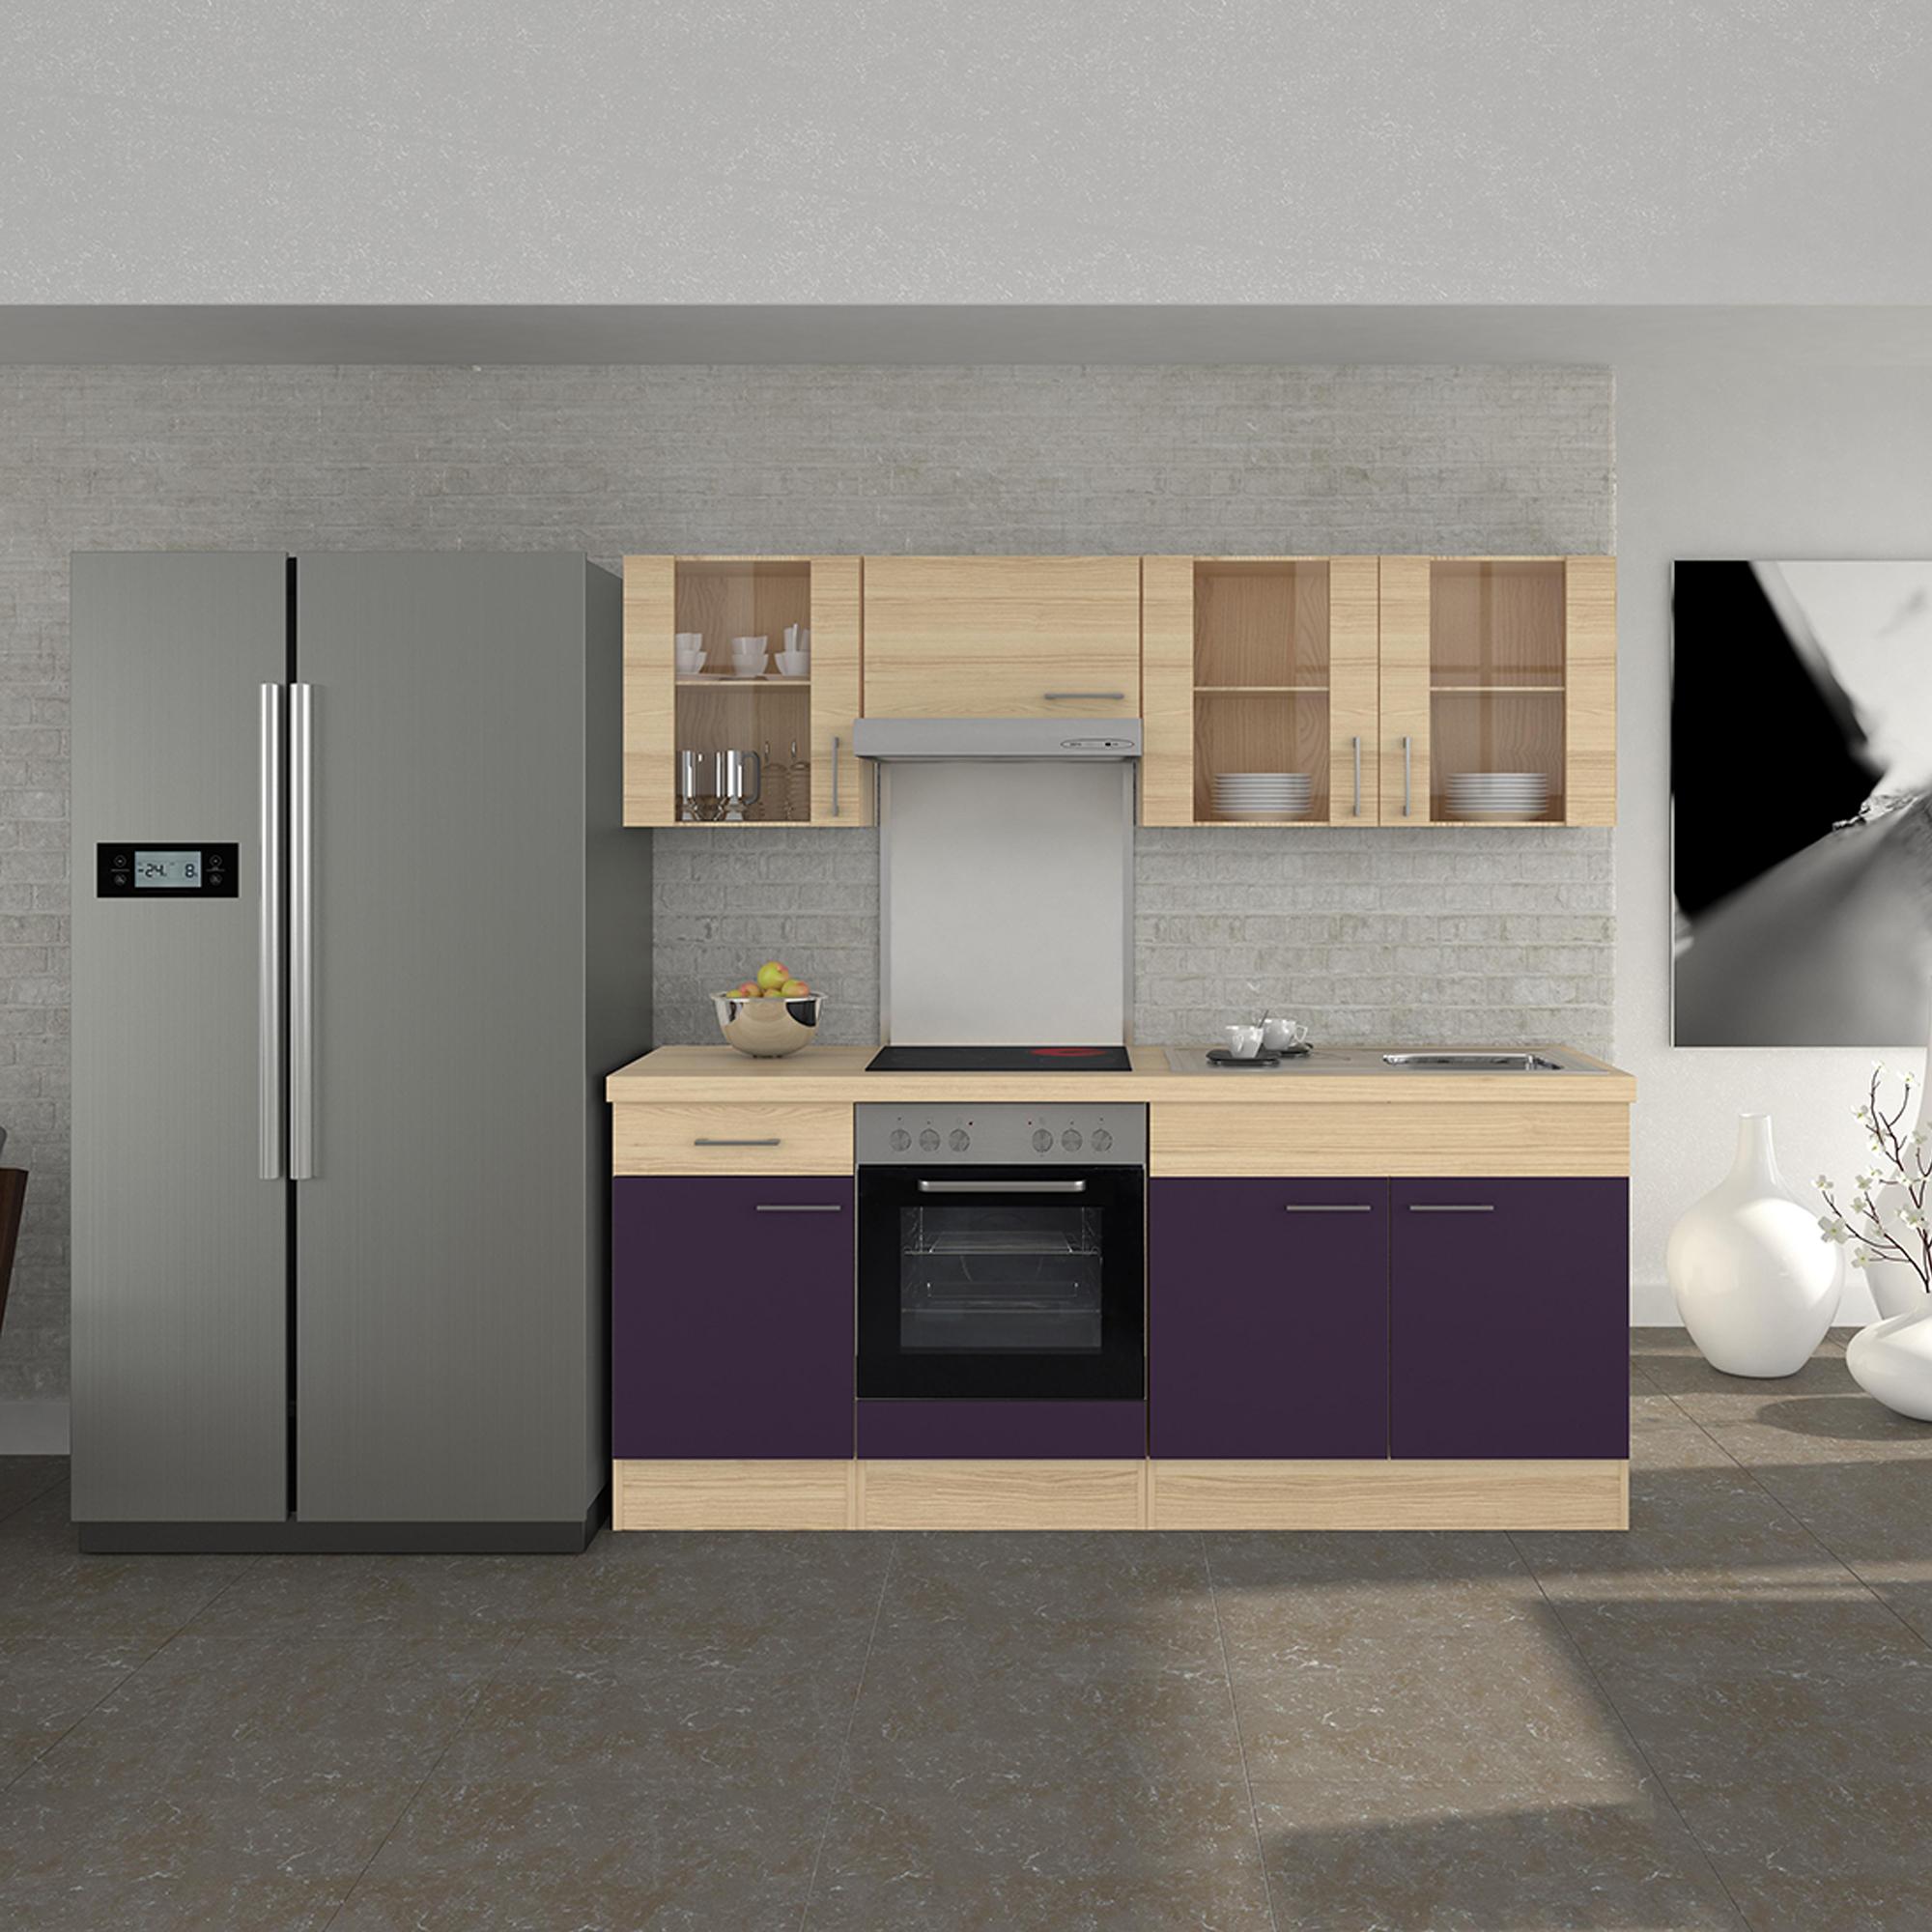 Küchen-Glashängeschrank FOCUS - 2-türig - 100 cm breit - Akazie ...